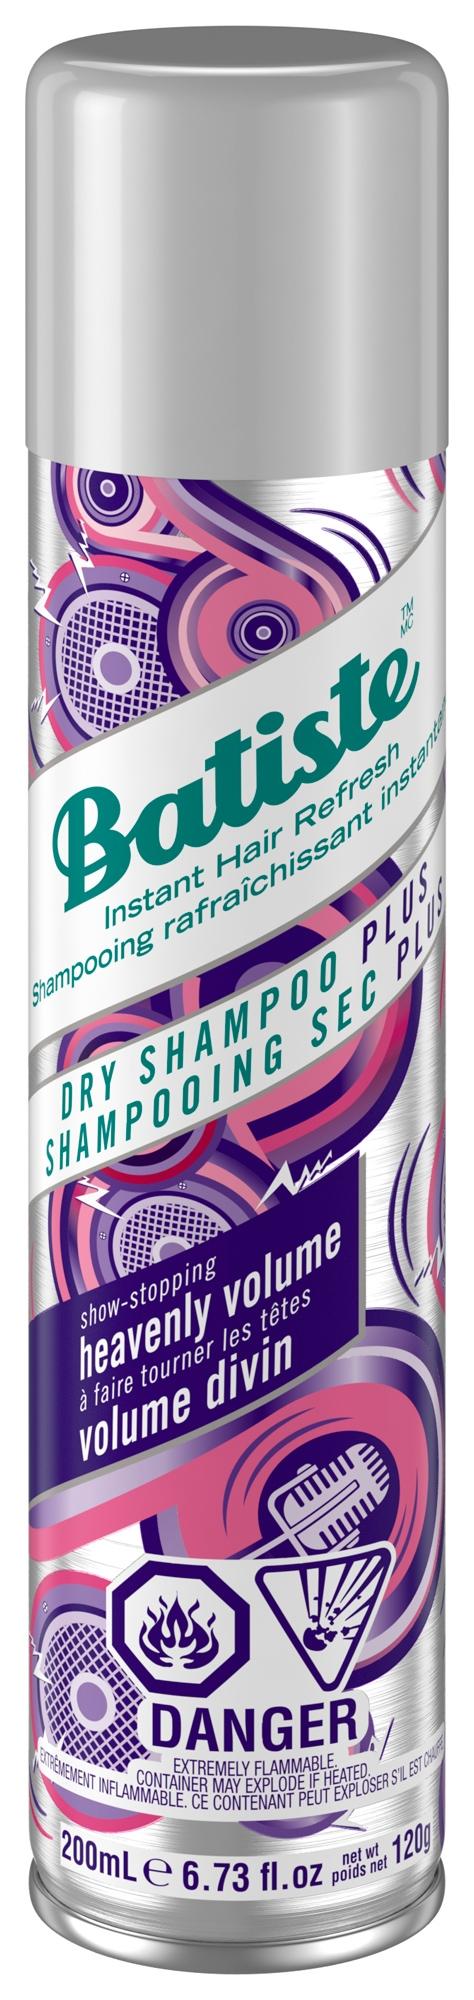 Шампунь очищающий сухой бессульфатный для волос Batiste Dry Shampoo Heavenly Volume 200 ml 0 - Фото 1